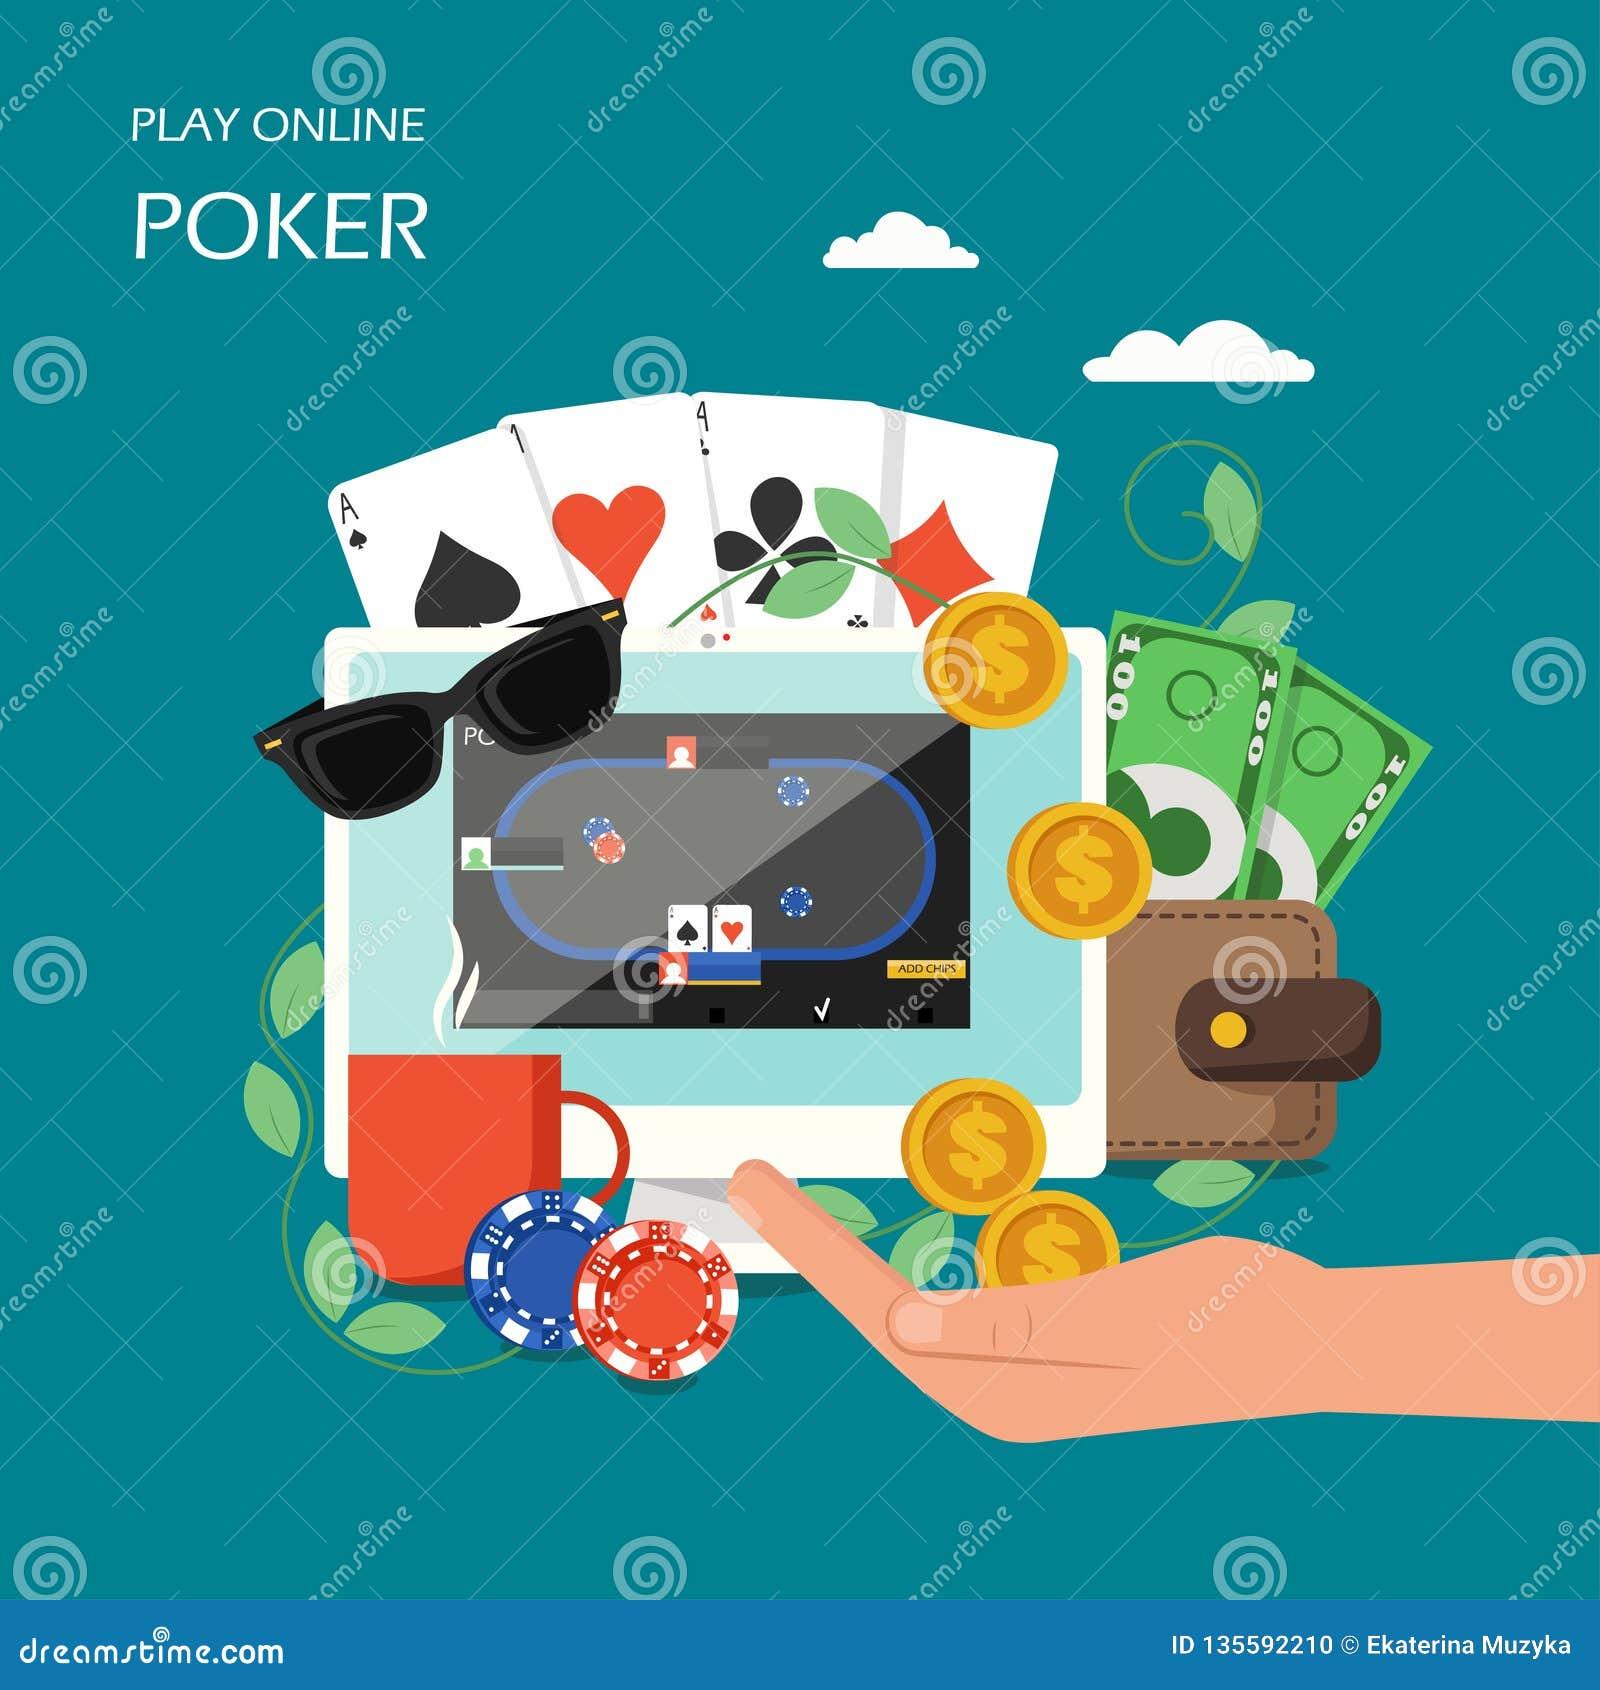 Online Poker Vector Flat Style Design Illustration Stock